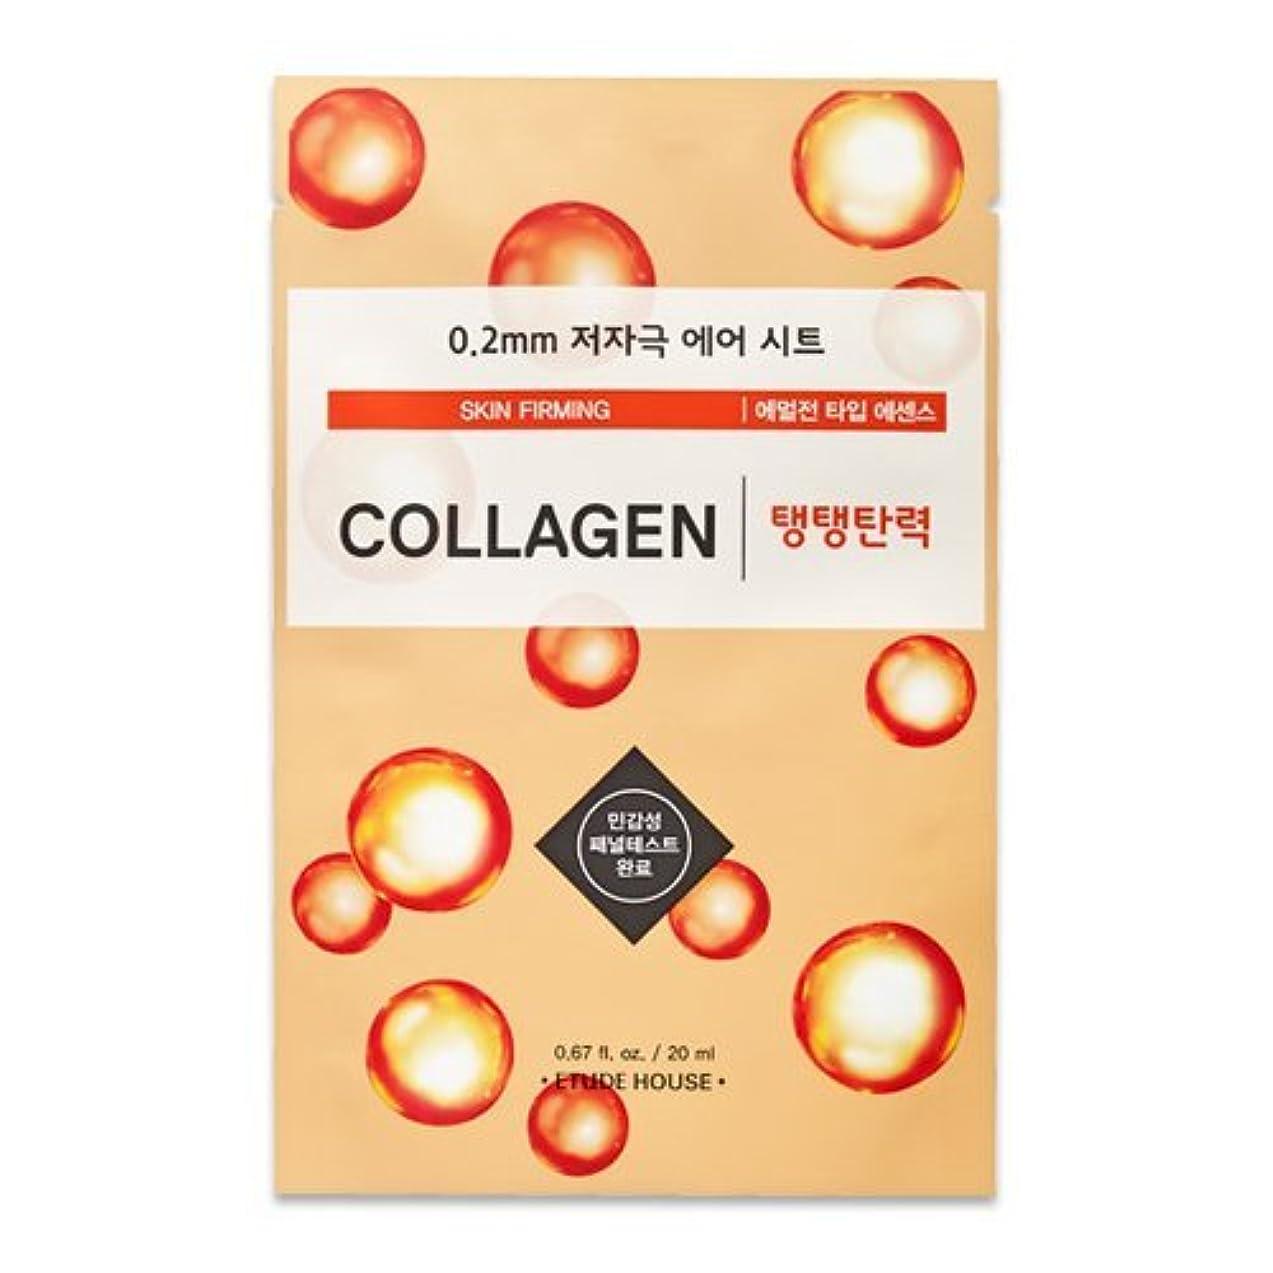 コーンウォールヘクタール解決するETUDE HOUSE 0.2 Therapy Air Mask 20ml×10ea (#12 Collagen)/エチュードハウス 0.2 セラピー エア マスク 20ml×10枚 (#12 Collagen)